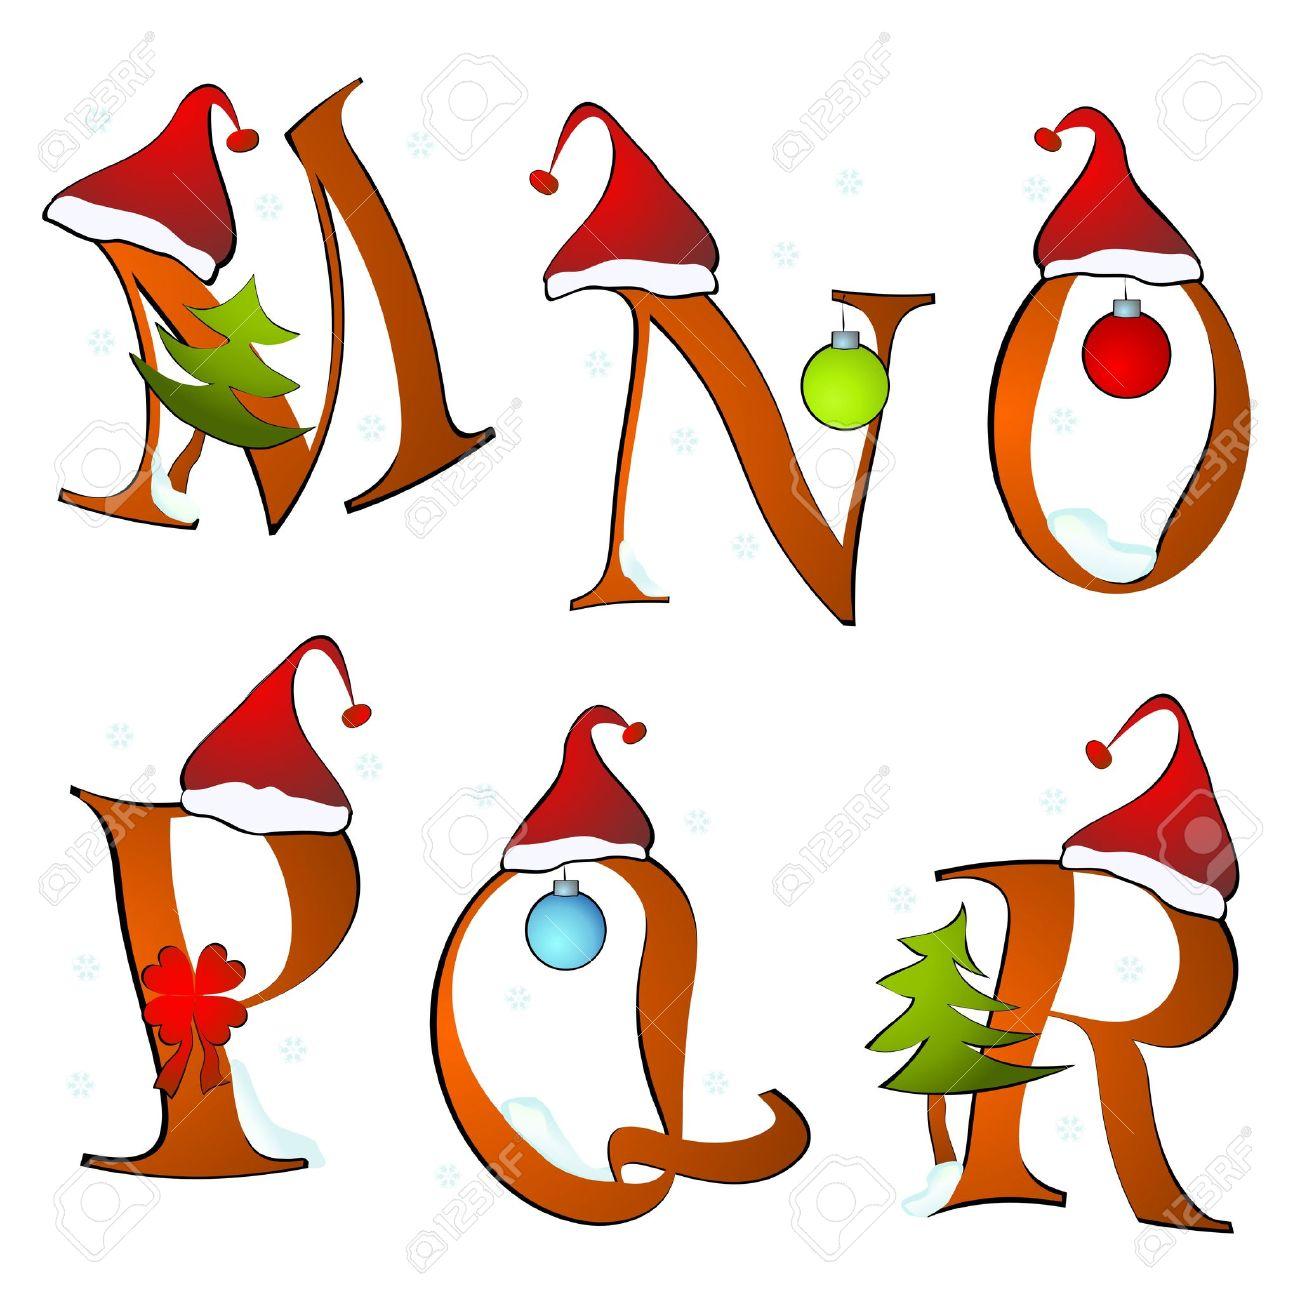 Christmas clipart letters. Alphabet set winter m